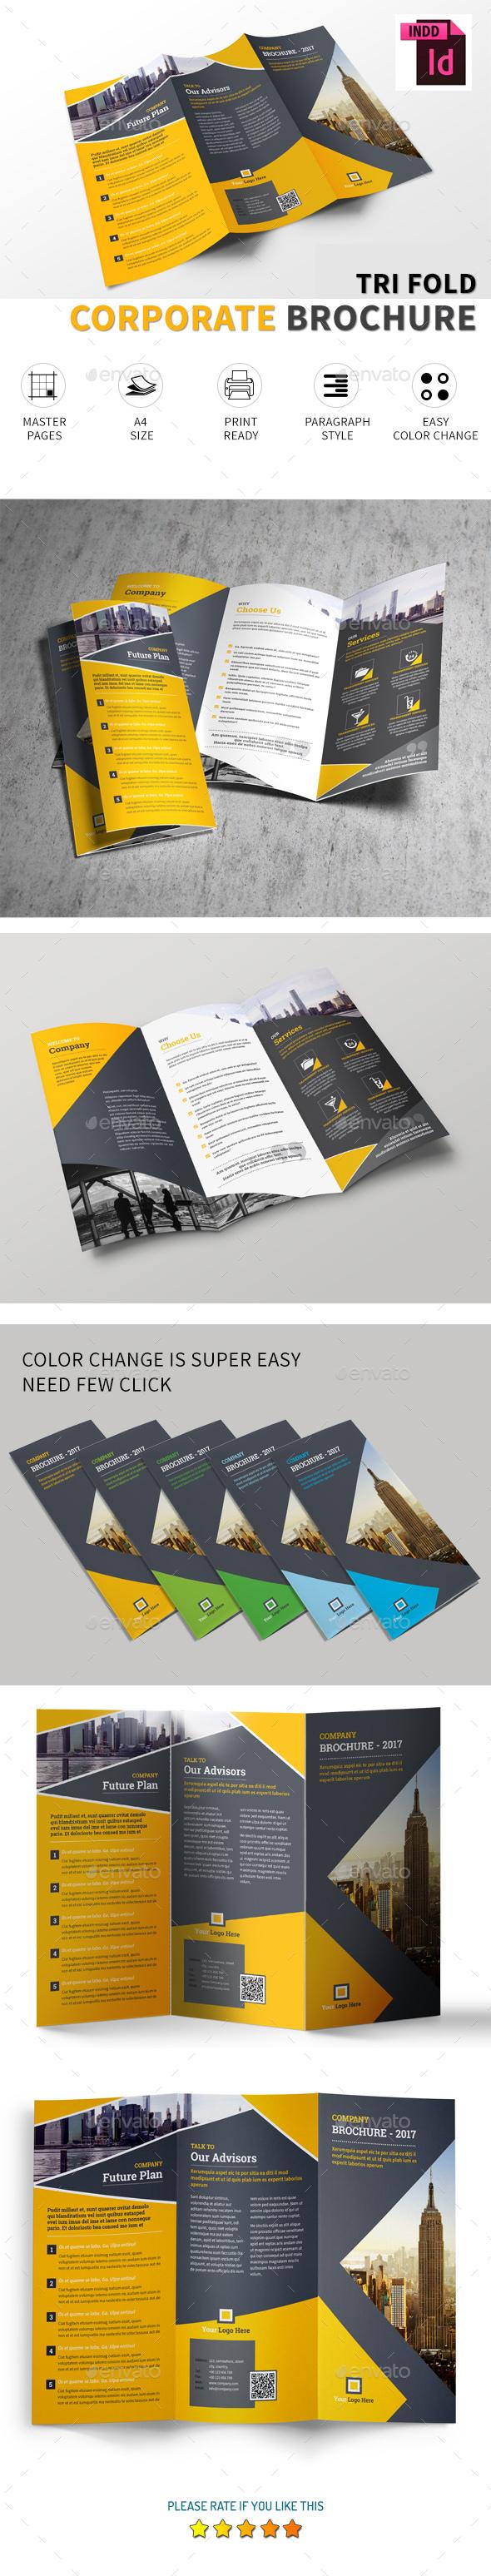 Corporate Tri-fold Brochure Vol.1 - Corporate Brochures